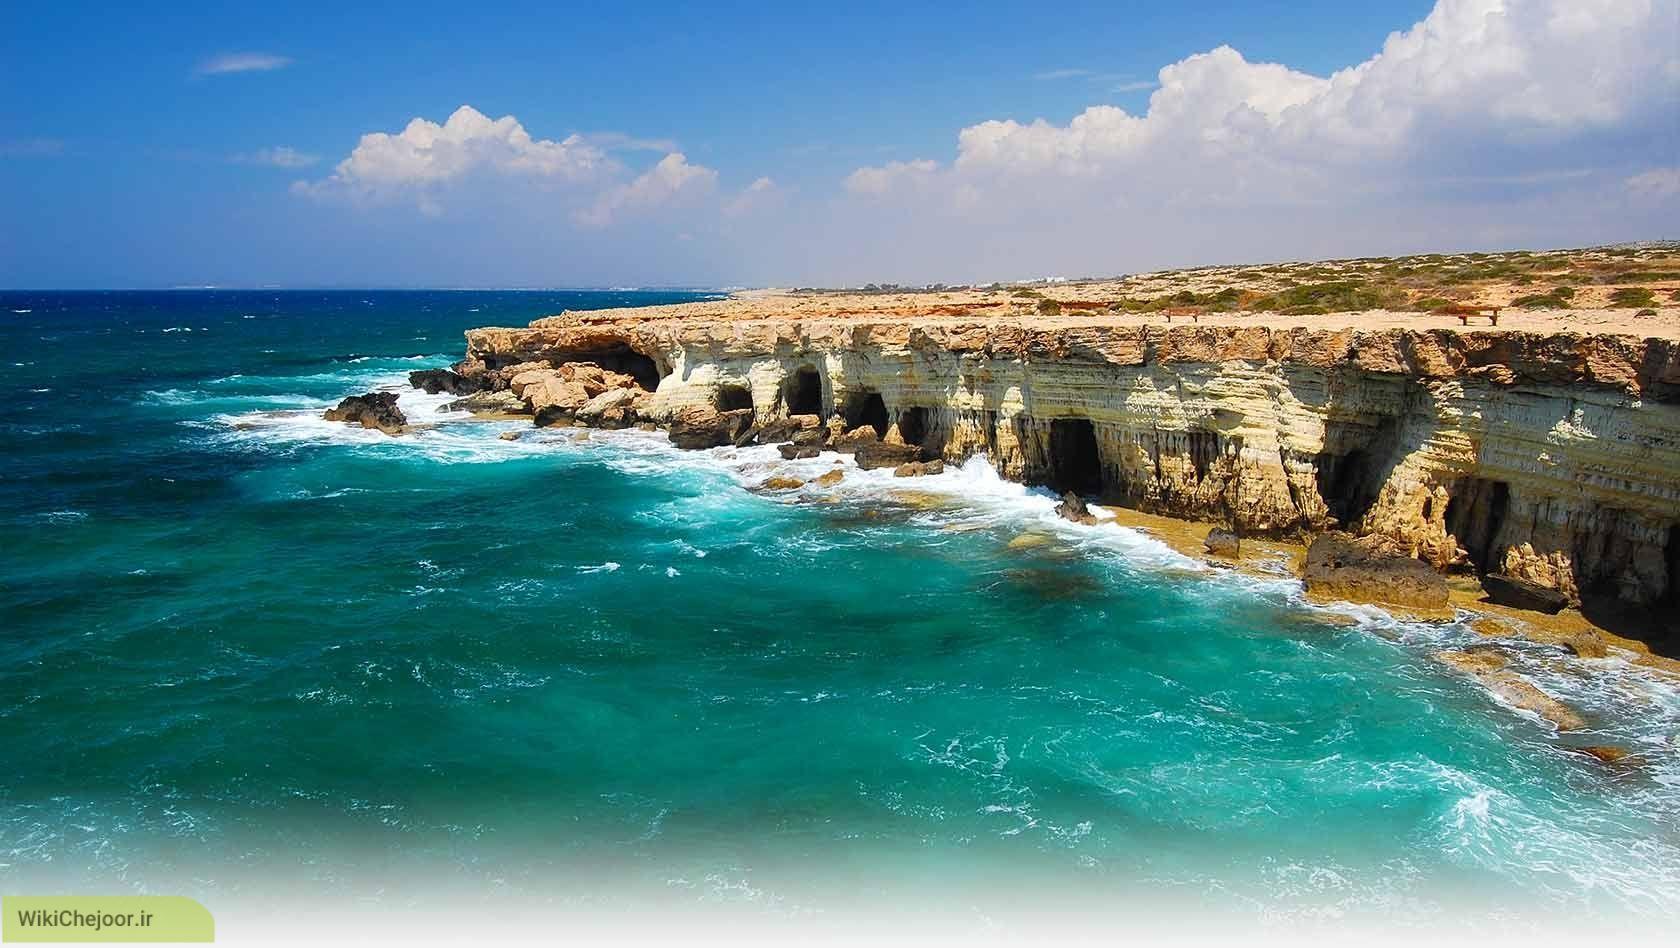 چگونه از دیدن جزایر مدیترانه لذت ببریم؟